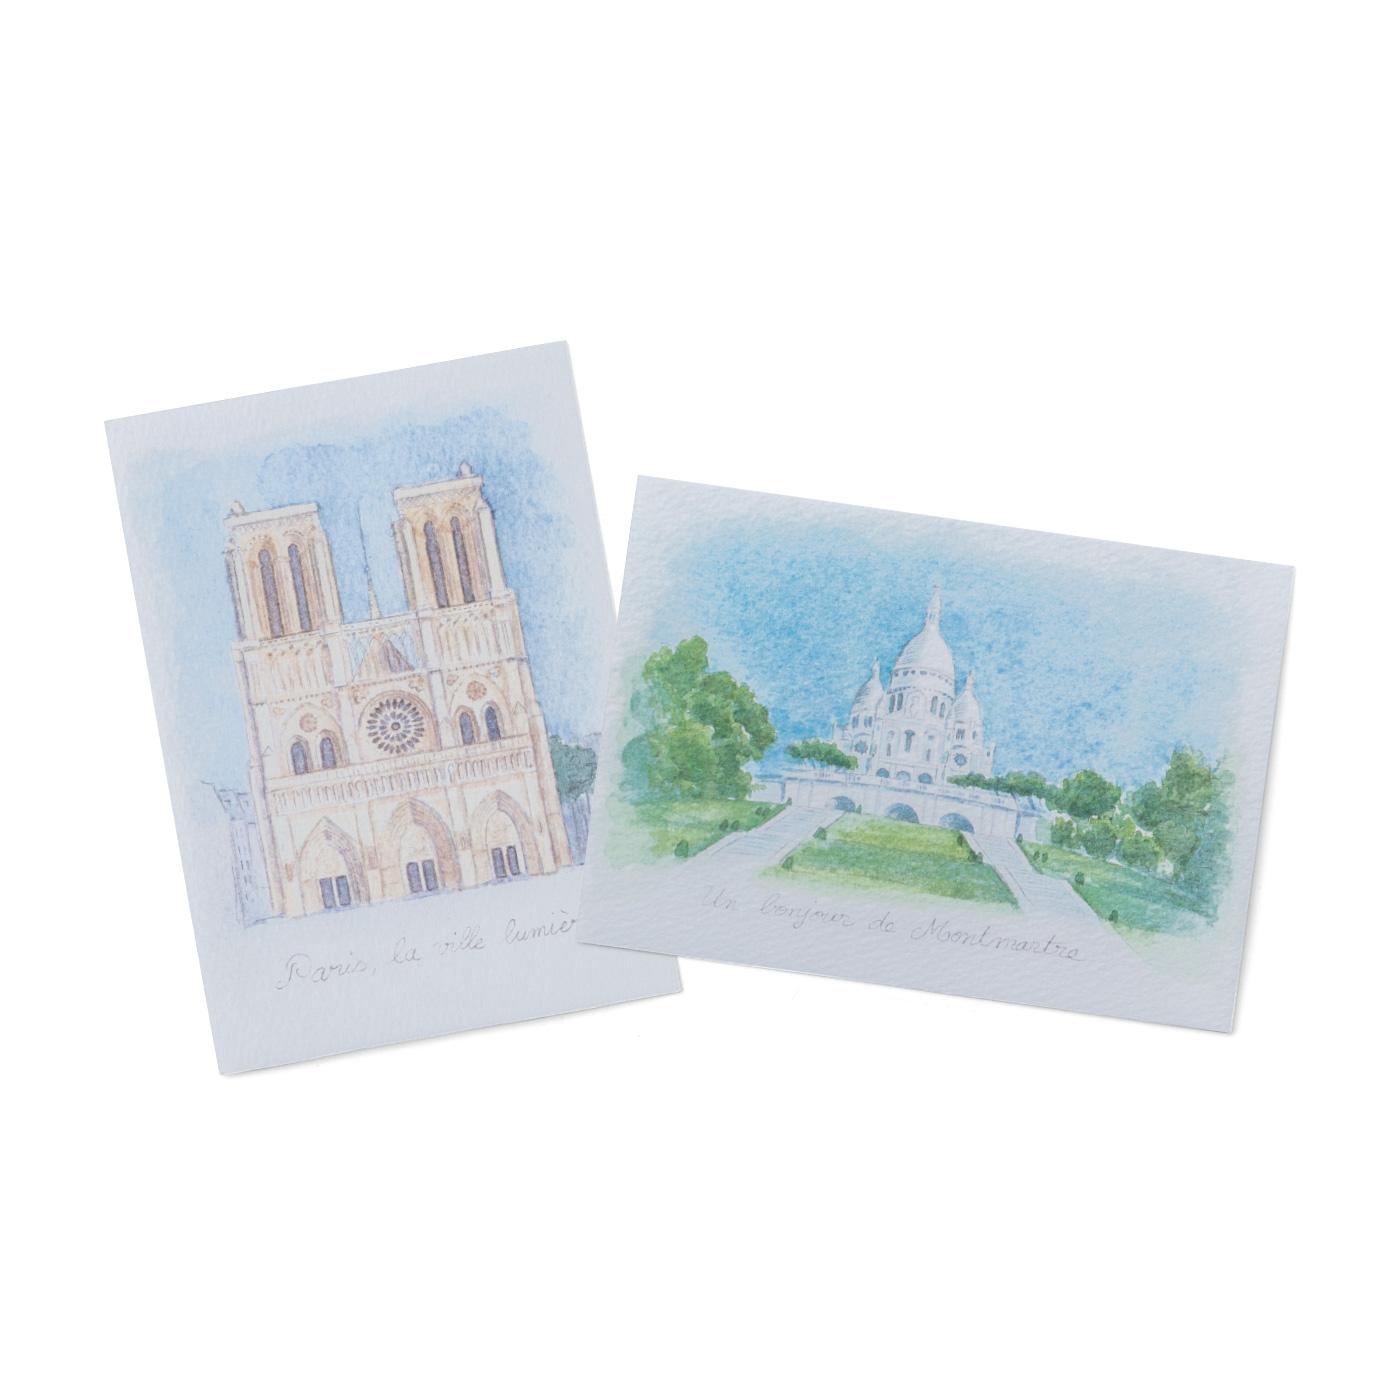 アンヌさんオリジナルイラストのポストカード付き